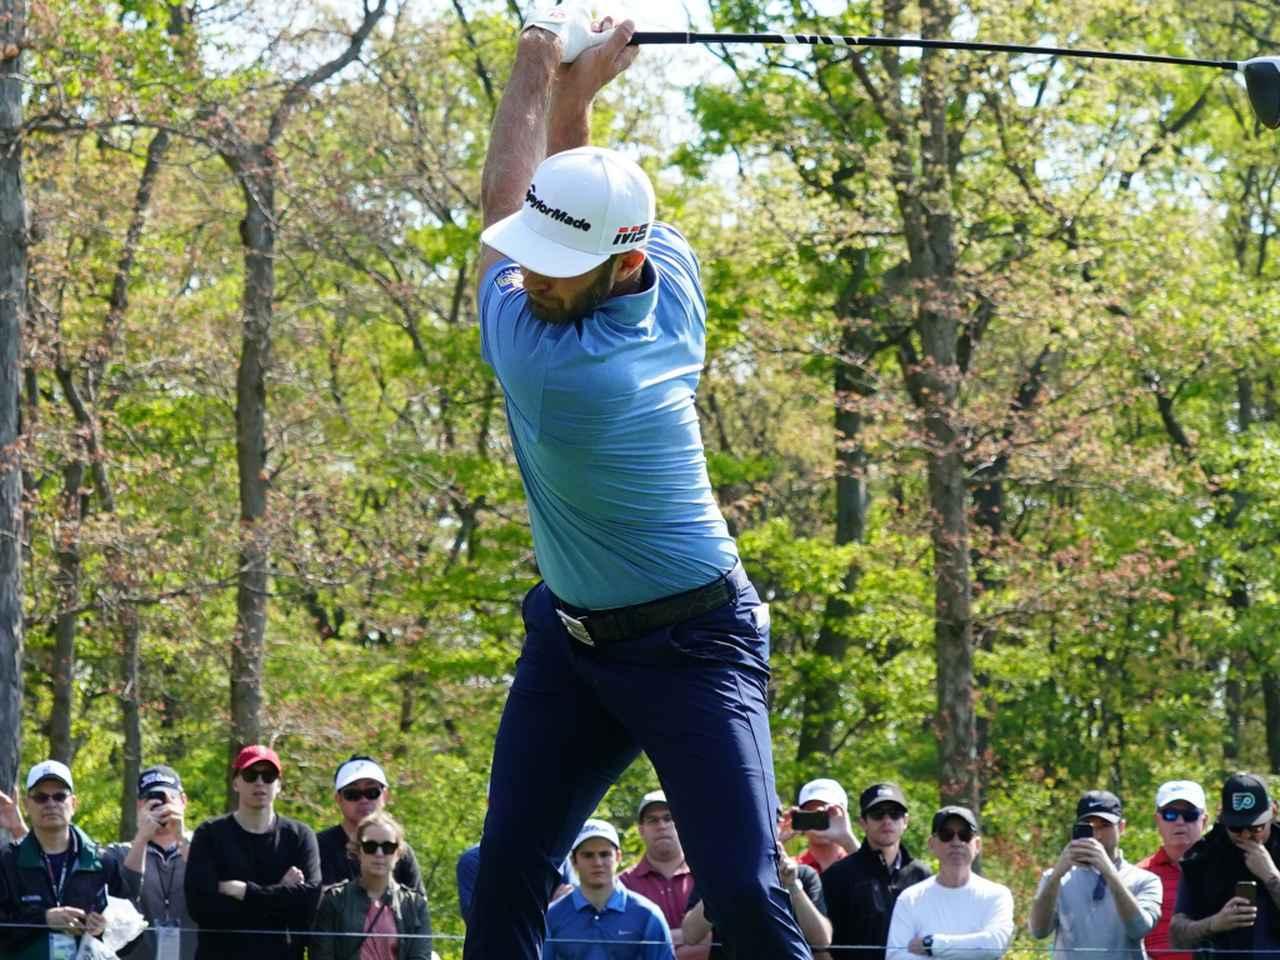 画像: ダスティン・ジョンソンをはじめトッププロたちは、程度の大小はあれど捻転差を作ることで飛ばしのエネルギーを生み出している(写真は2019年の全米プロゴルフ選手権 撮影/姉崎正)